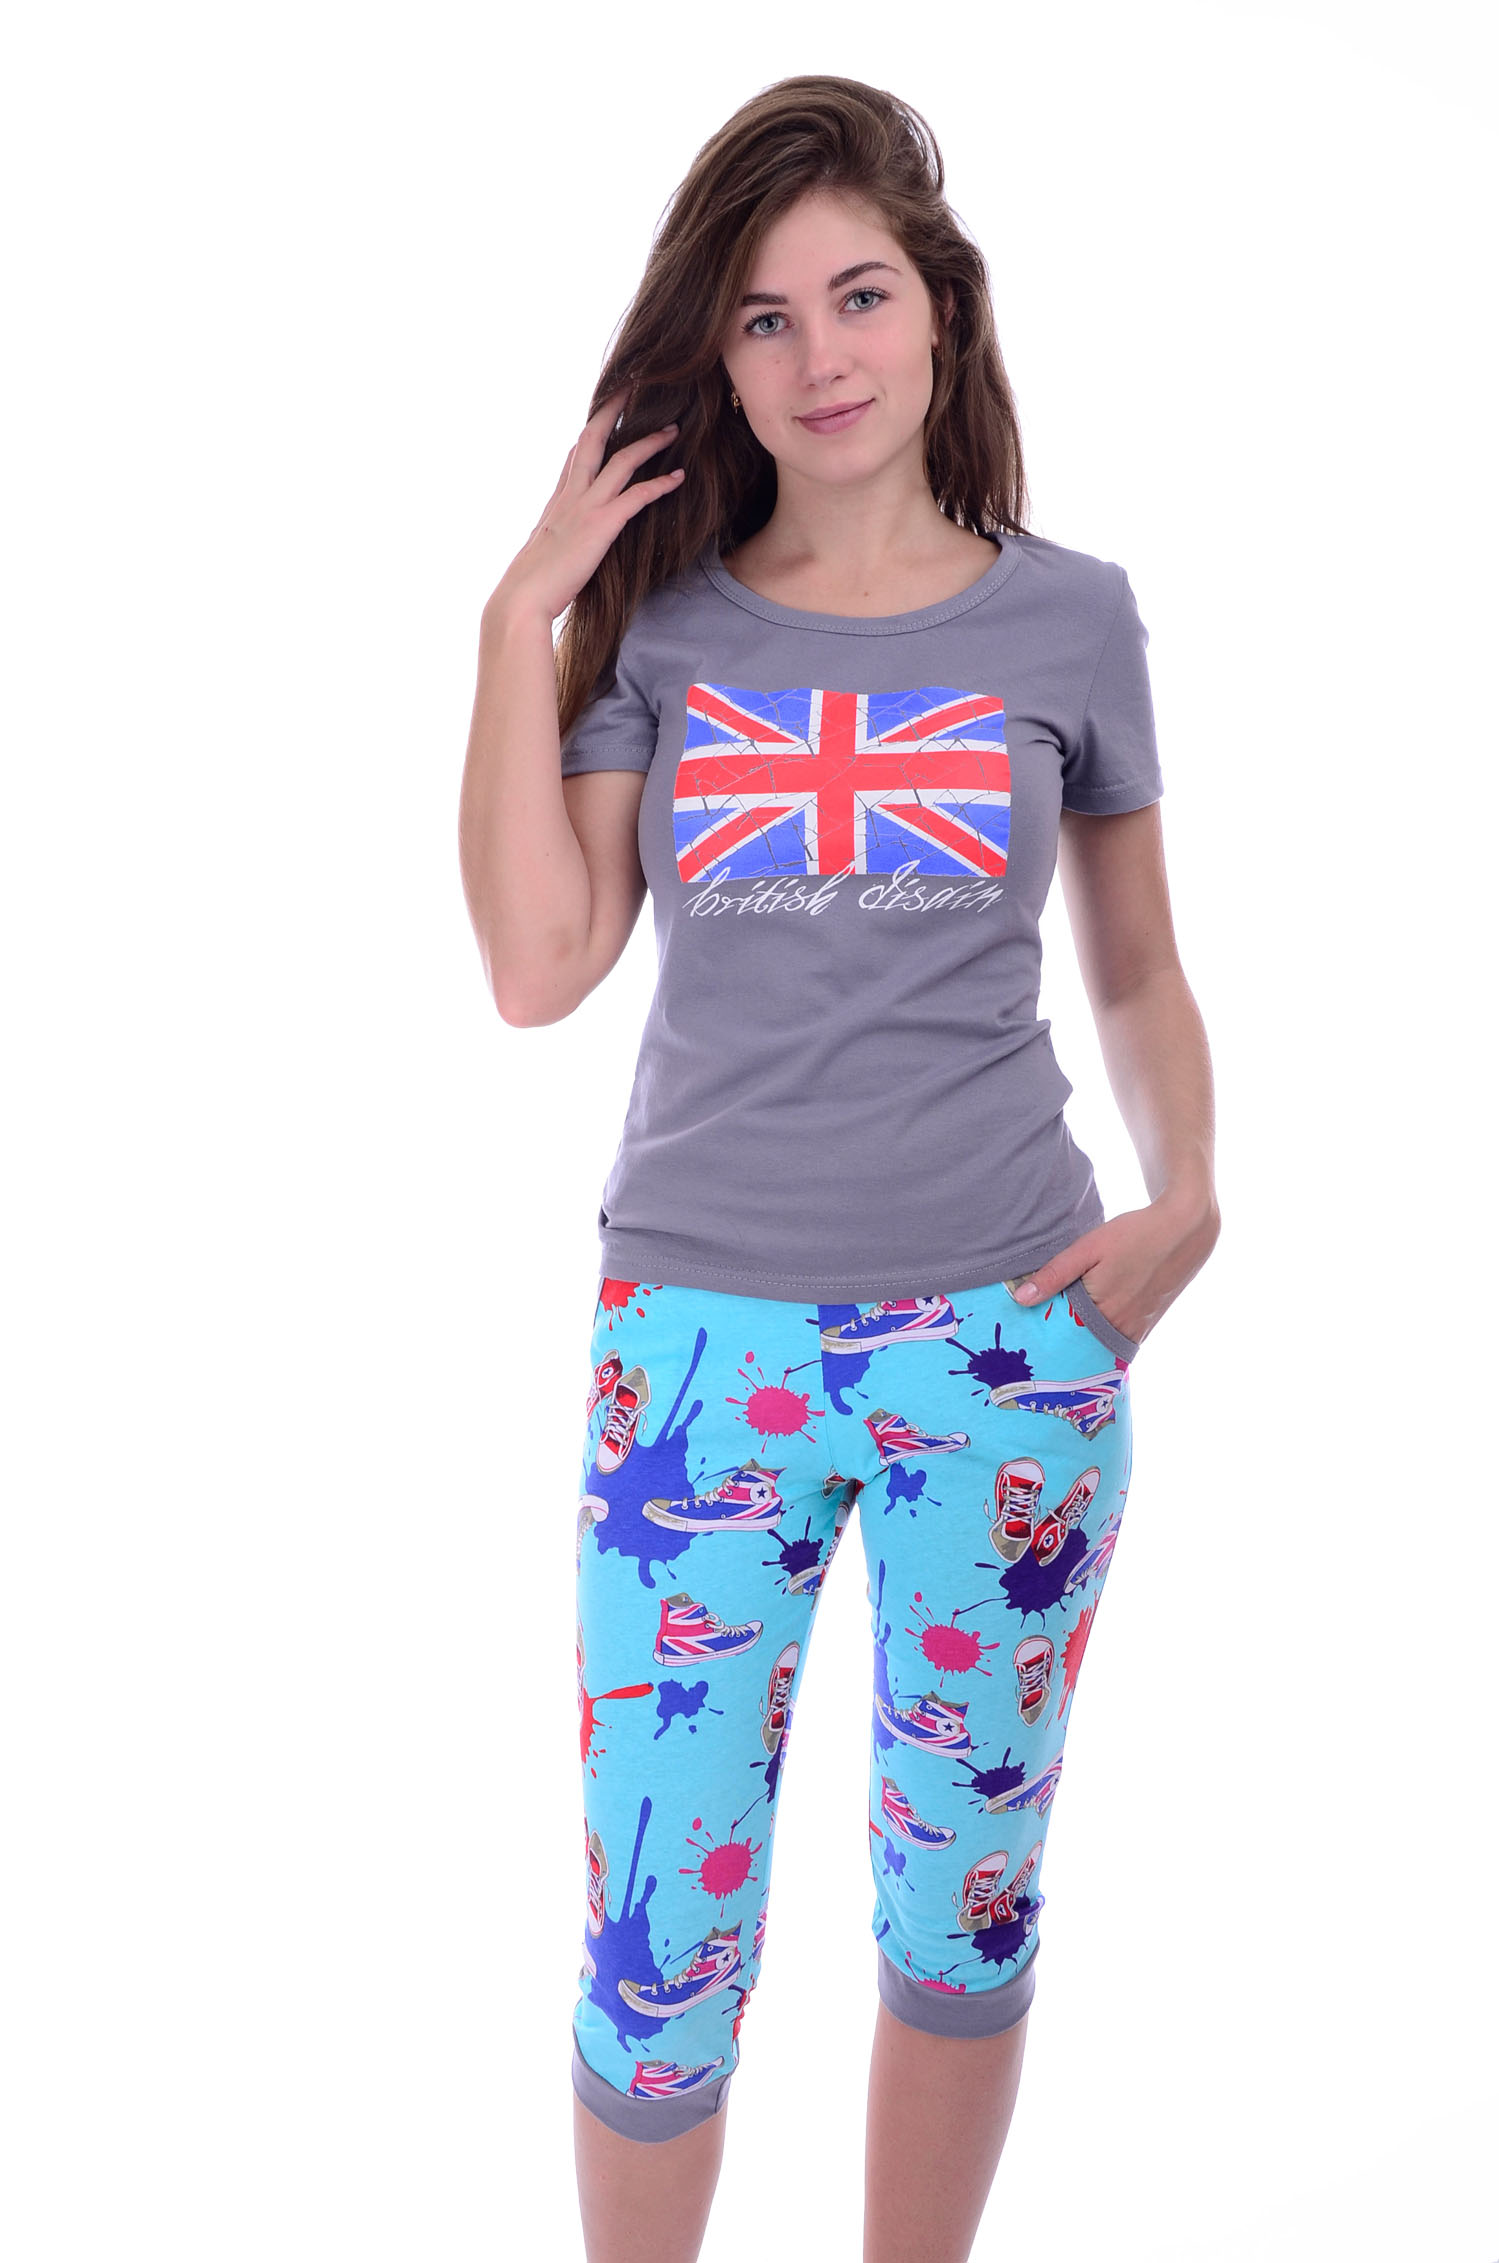 Костюм женский Бристоль футболка и бриджиДомашние комплекты, костюмы<br><br><br>Размер: 50